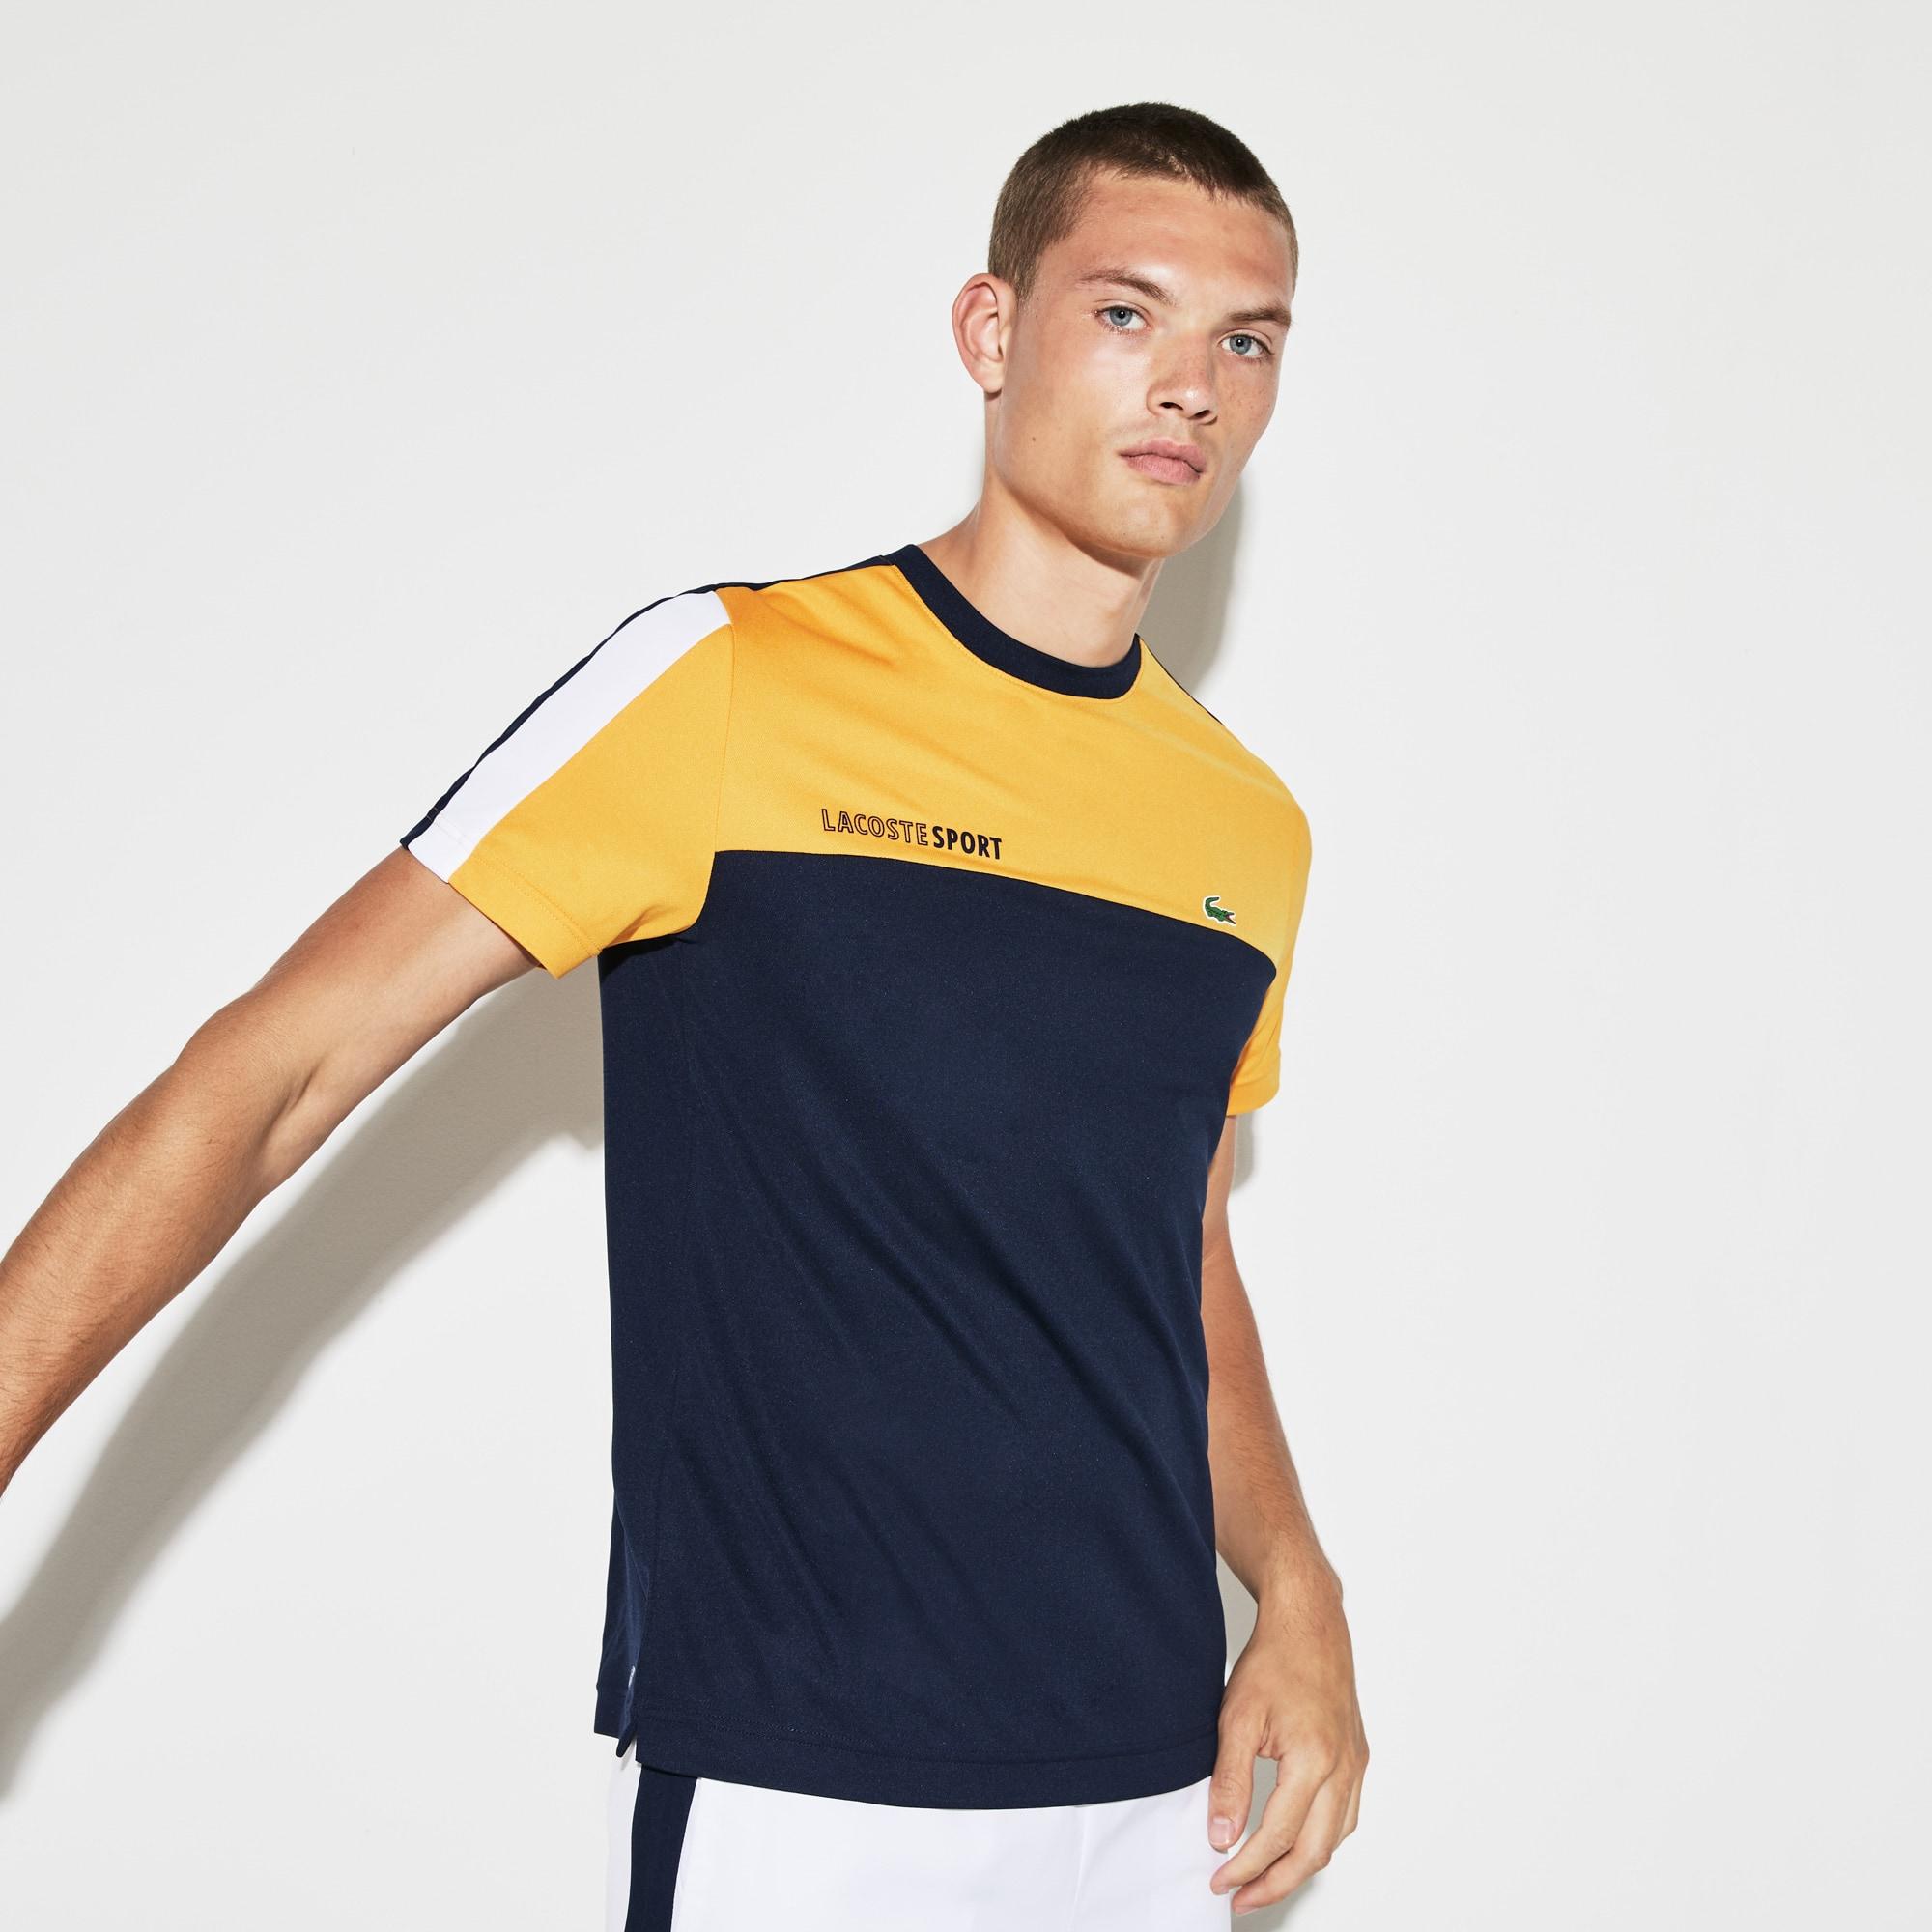 Lacoste - Herren LACOSTE SPORT Rundhals Tennis T-Shirt mit Colorblocks - 4